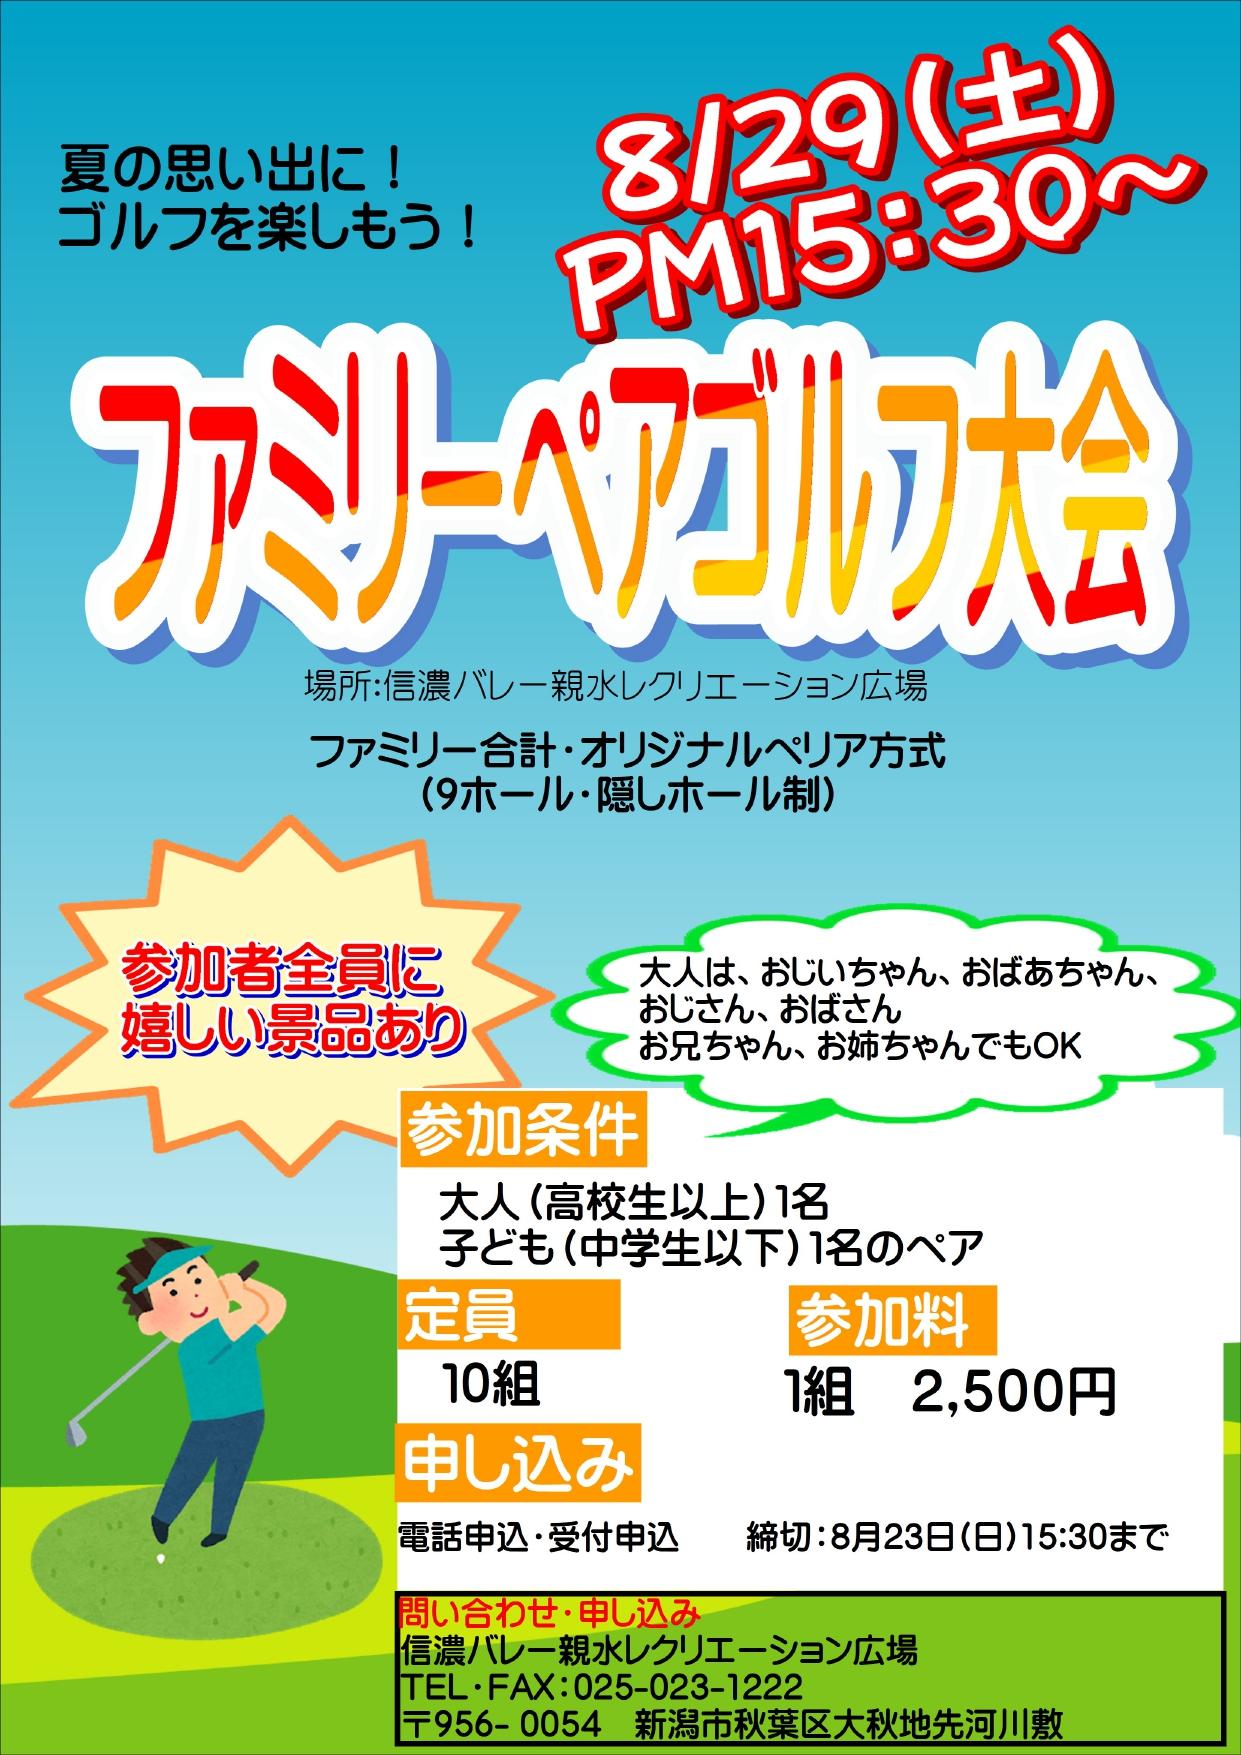 ファミリーペアゴルフ大会_page-0001